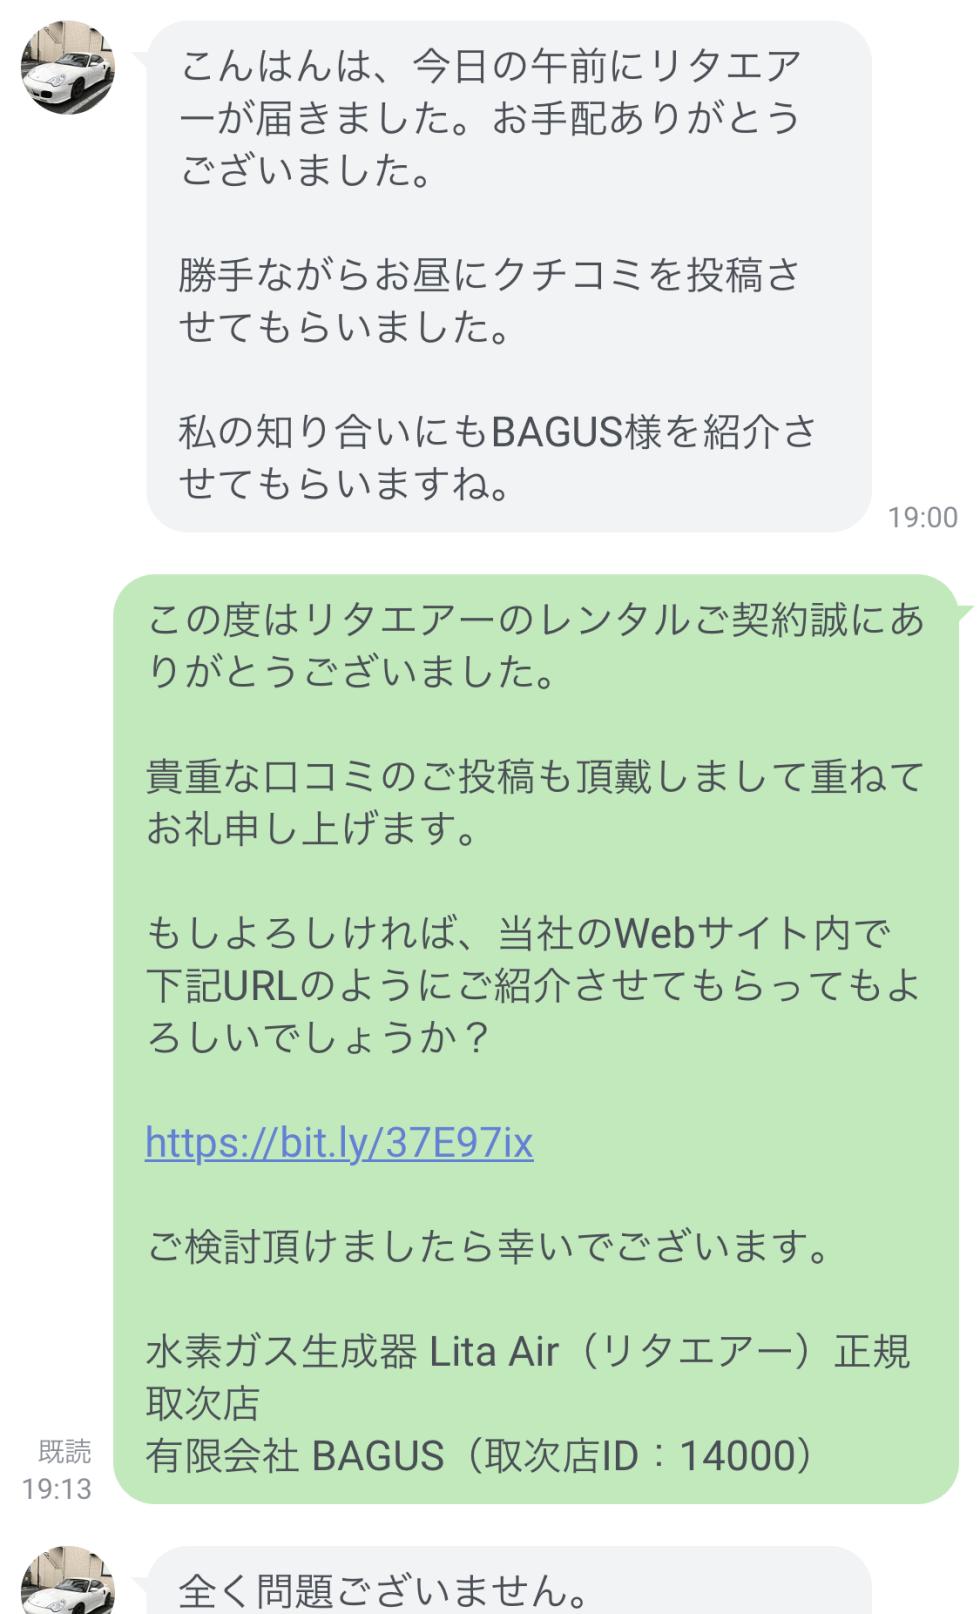 リタエアーのレビュー掲載依頼